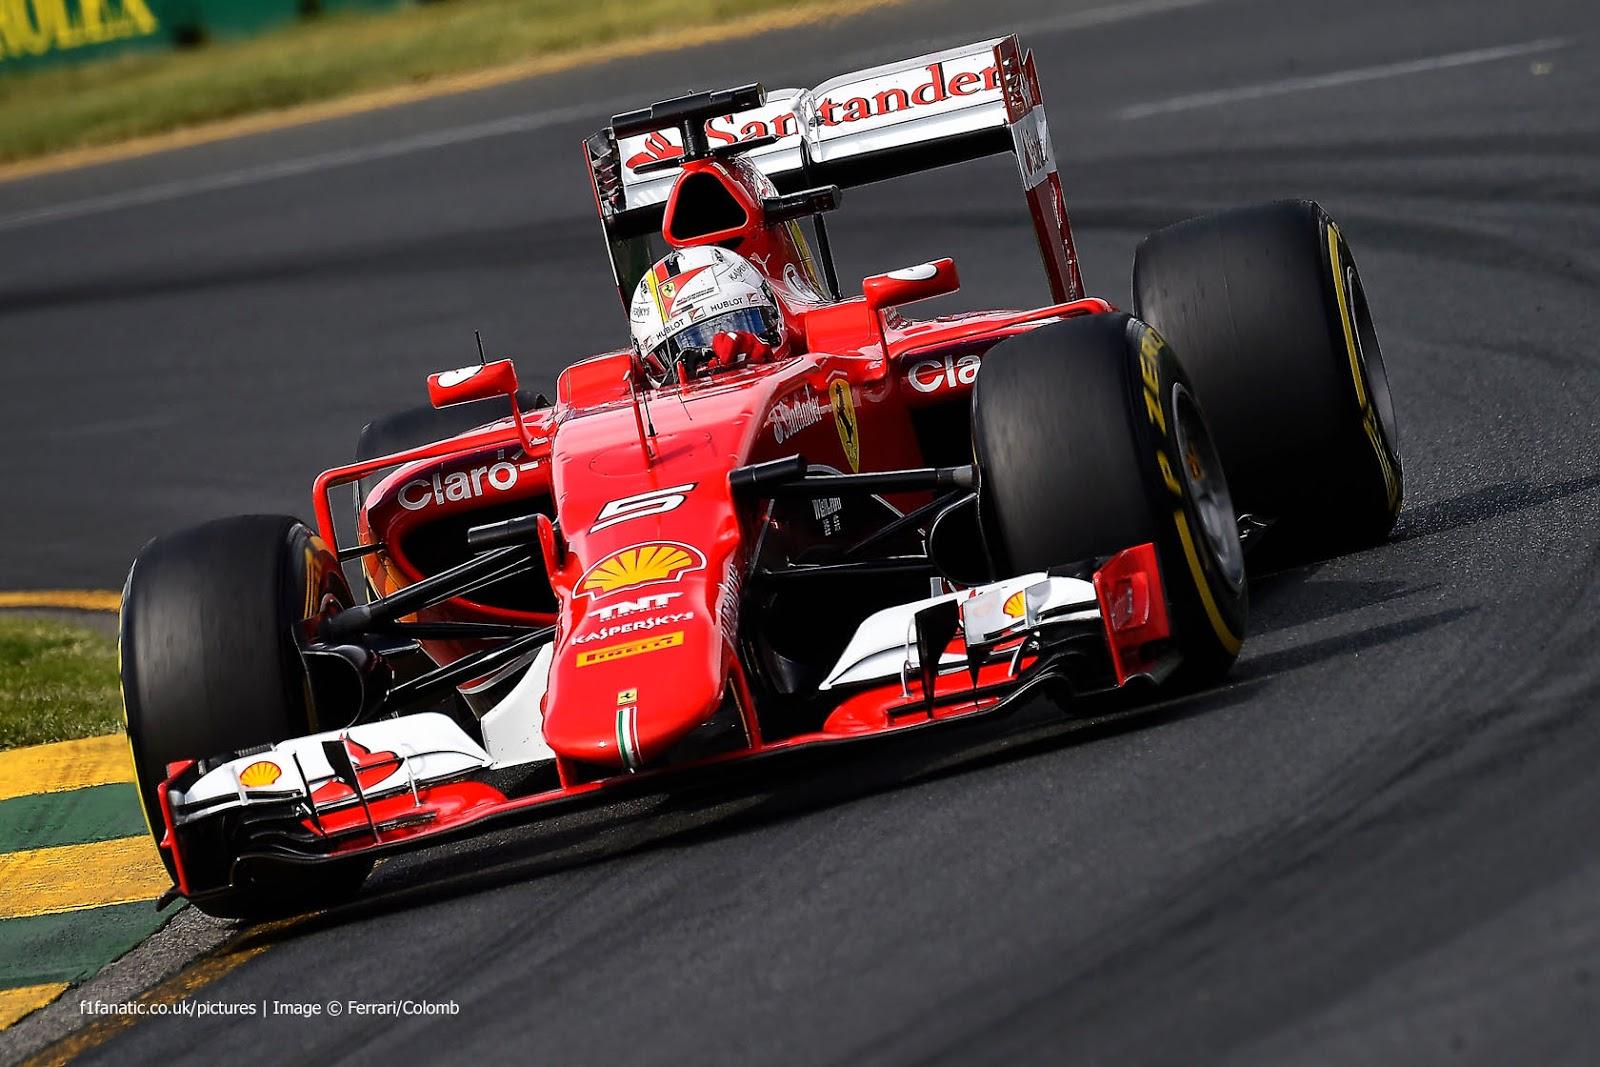 Formula 1 Ferrari F1 HD desktop wallpaper  Widescreen